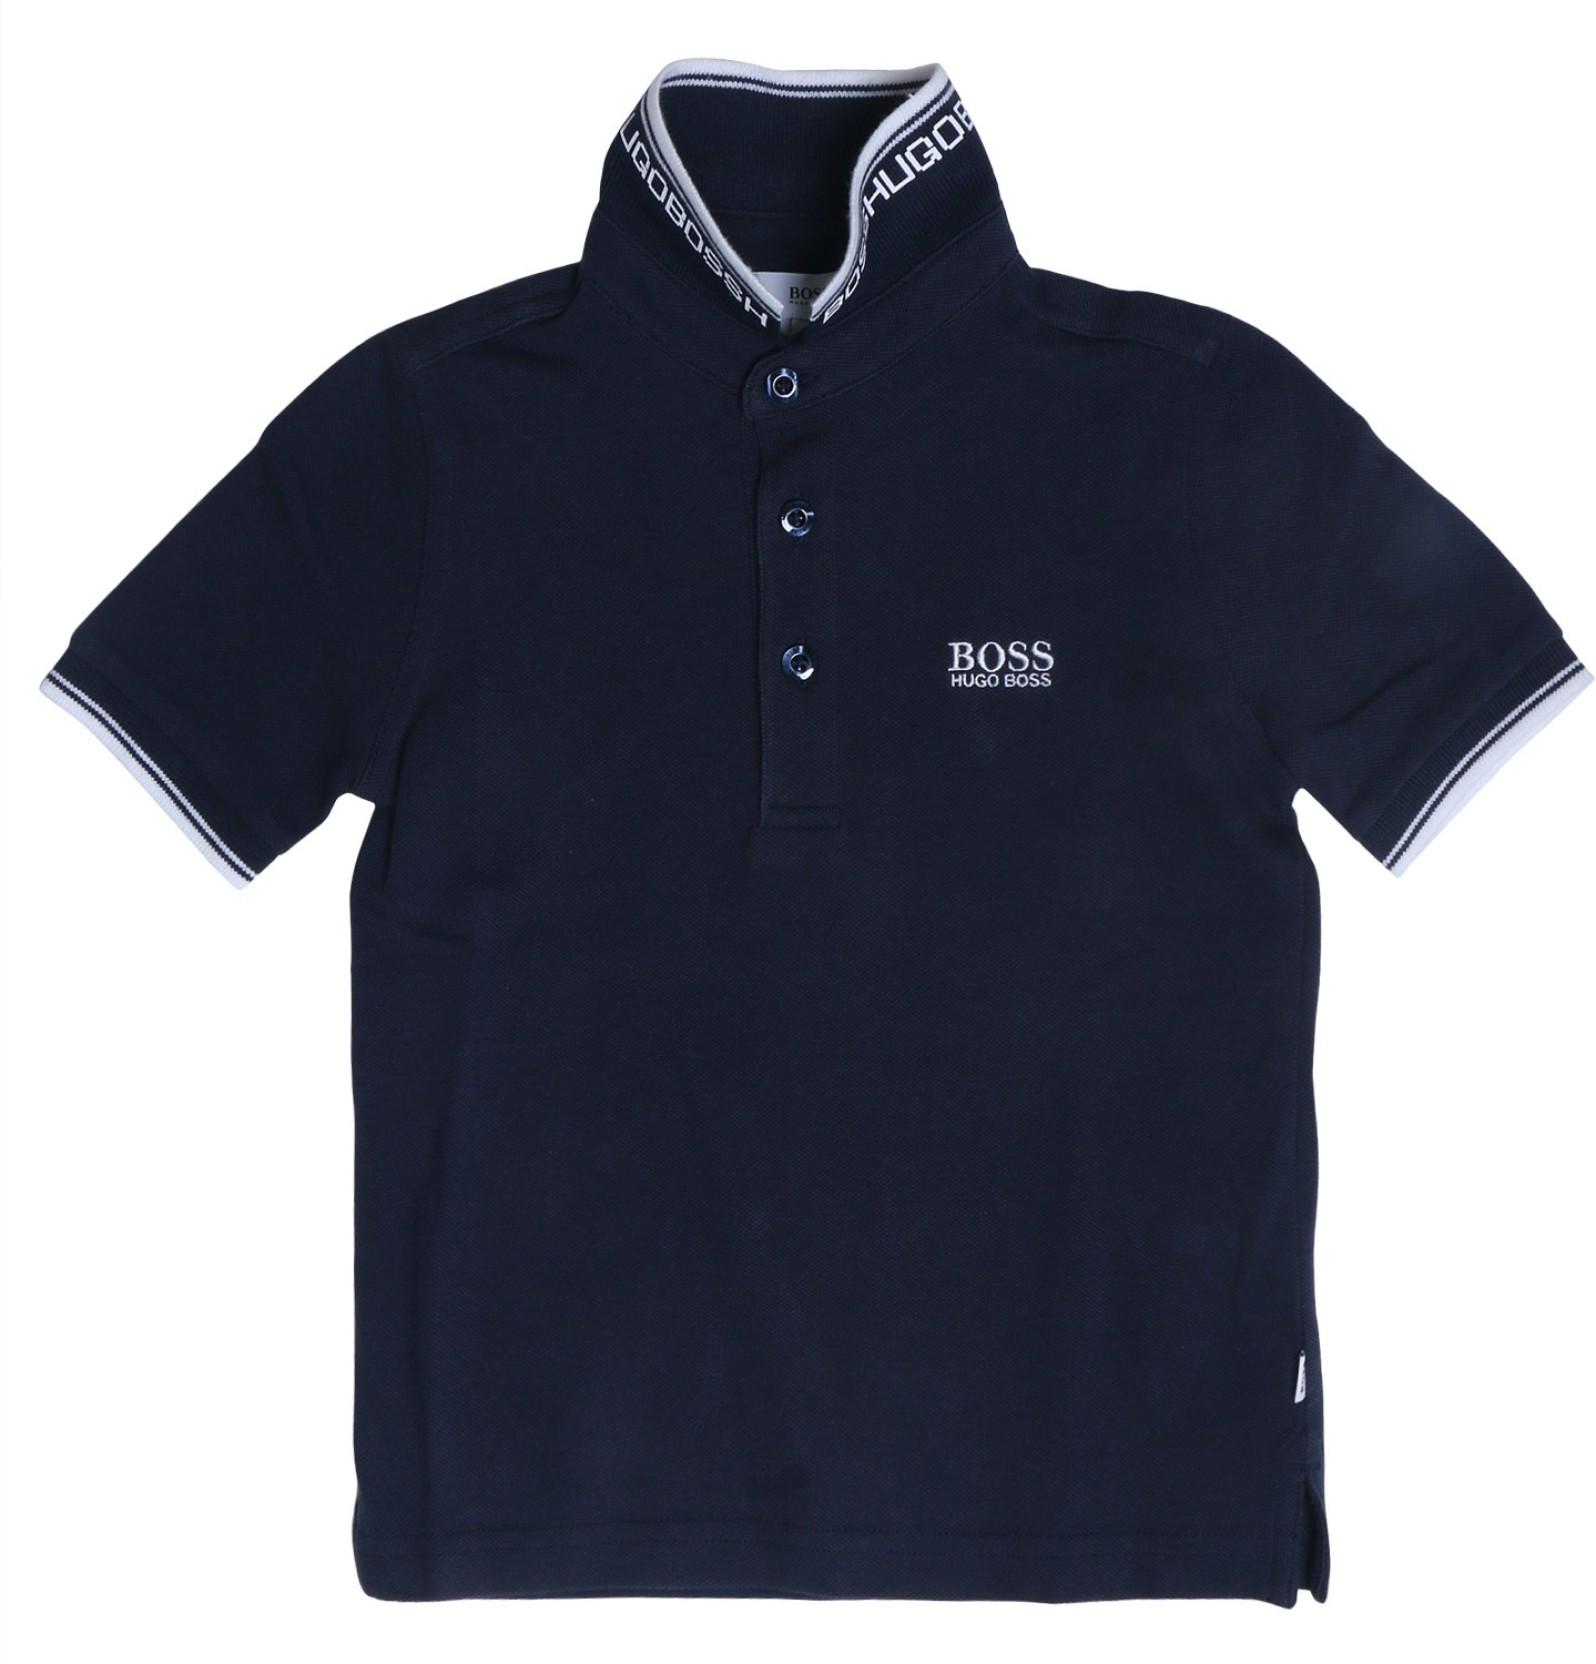 Greiff Corporate Wear Modern Herren Hose Slim Fit Marine gepunktet